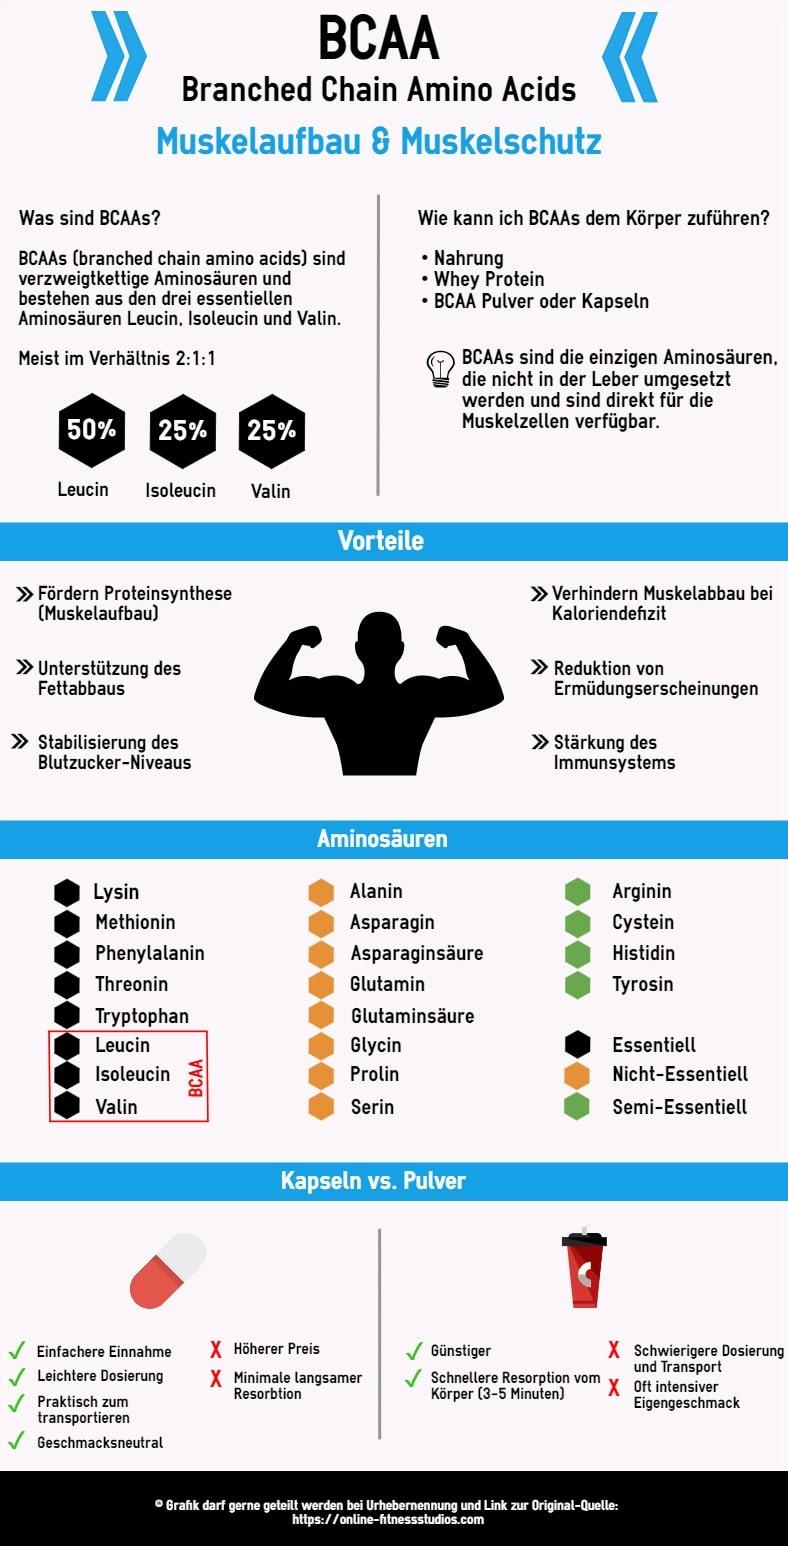 BCAA Infografik - BCAAs